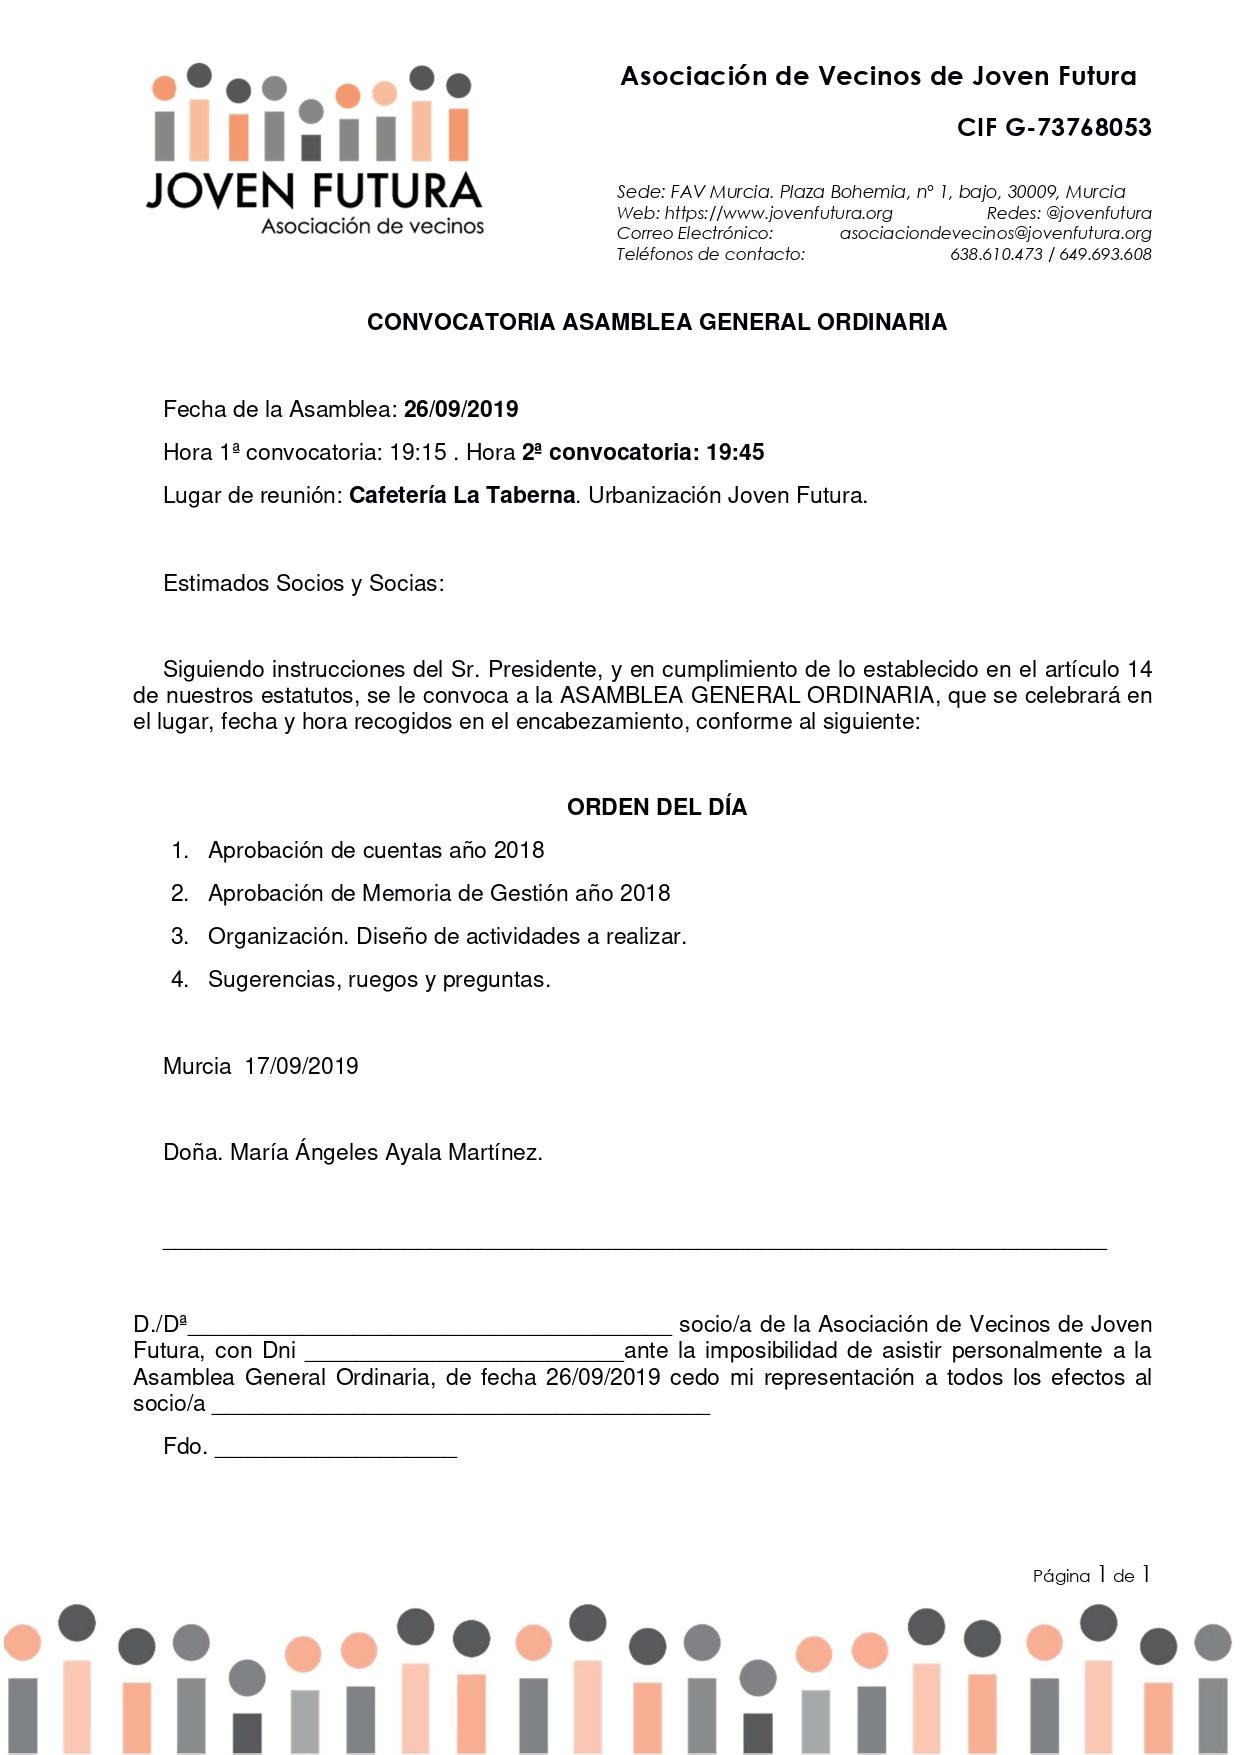 26-09-2019 CONVOCATORIA ASAMBLEA GENERAL ORDINARIA ASOCIACIÓN DE VECINOS DE JOVEN FUTURA